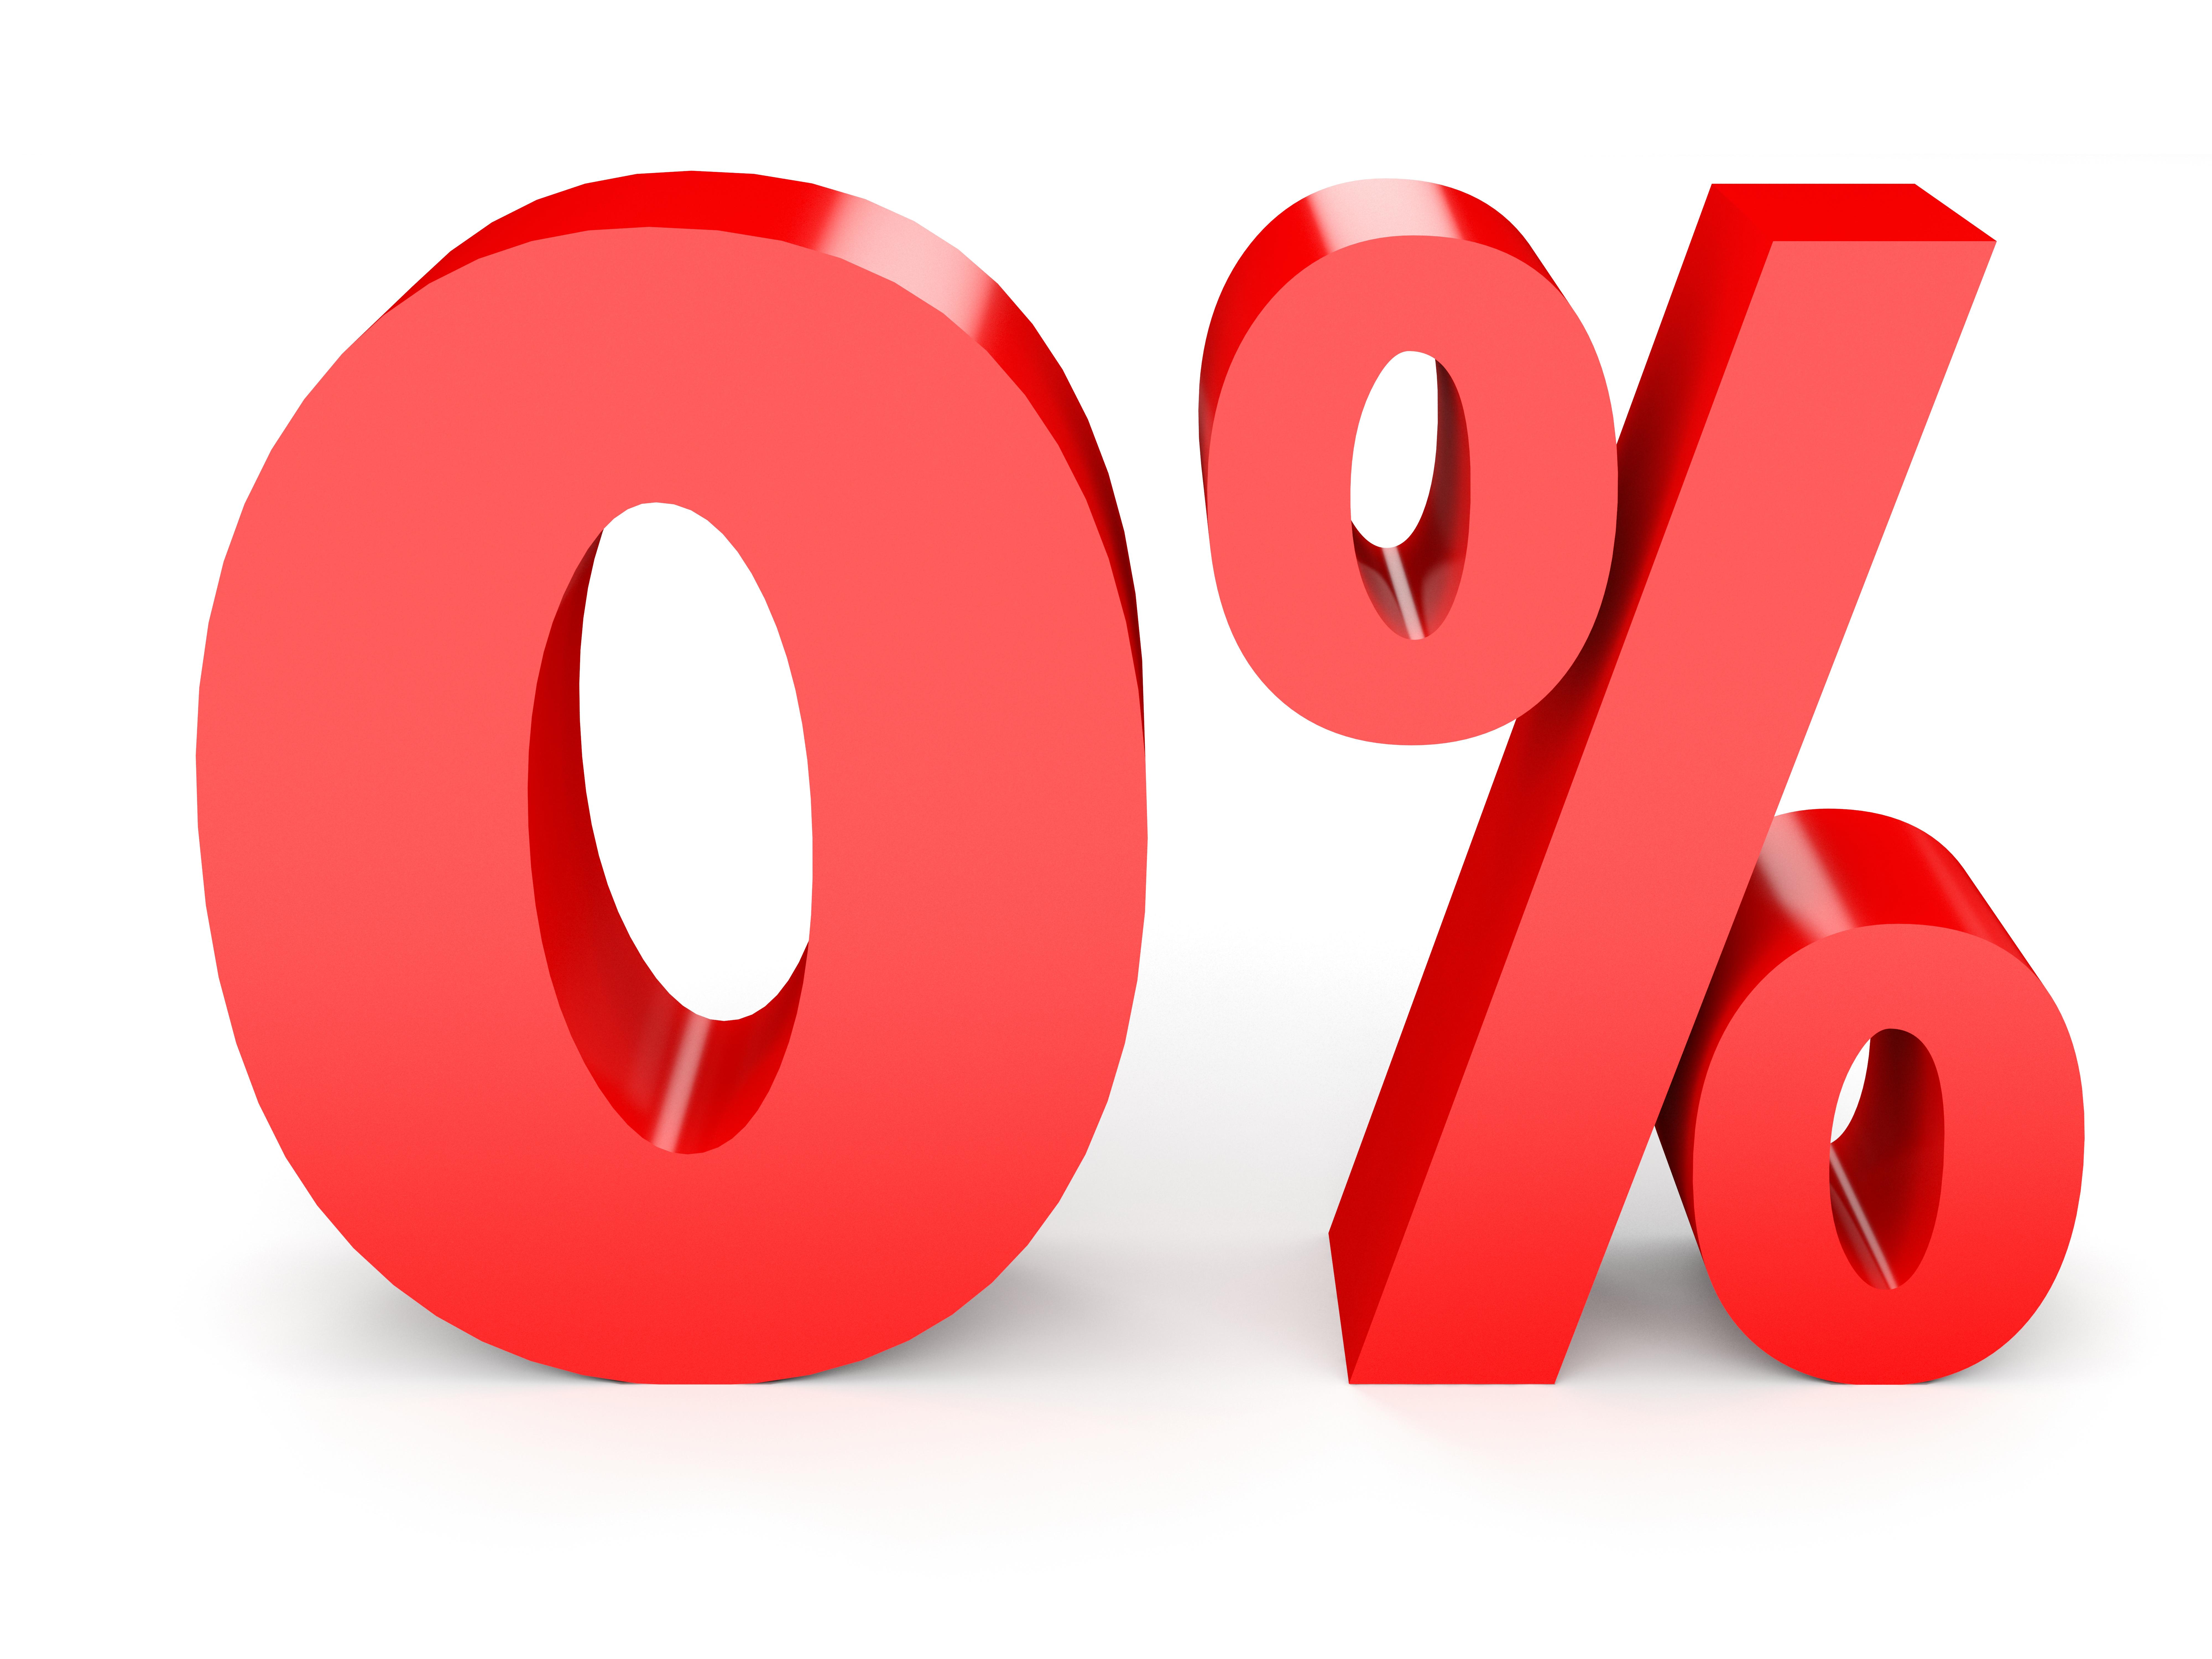 AltText: Kredit ohne Zinsen: 0 % Zinszahlungen bei zinsfreiem Kredit?